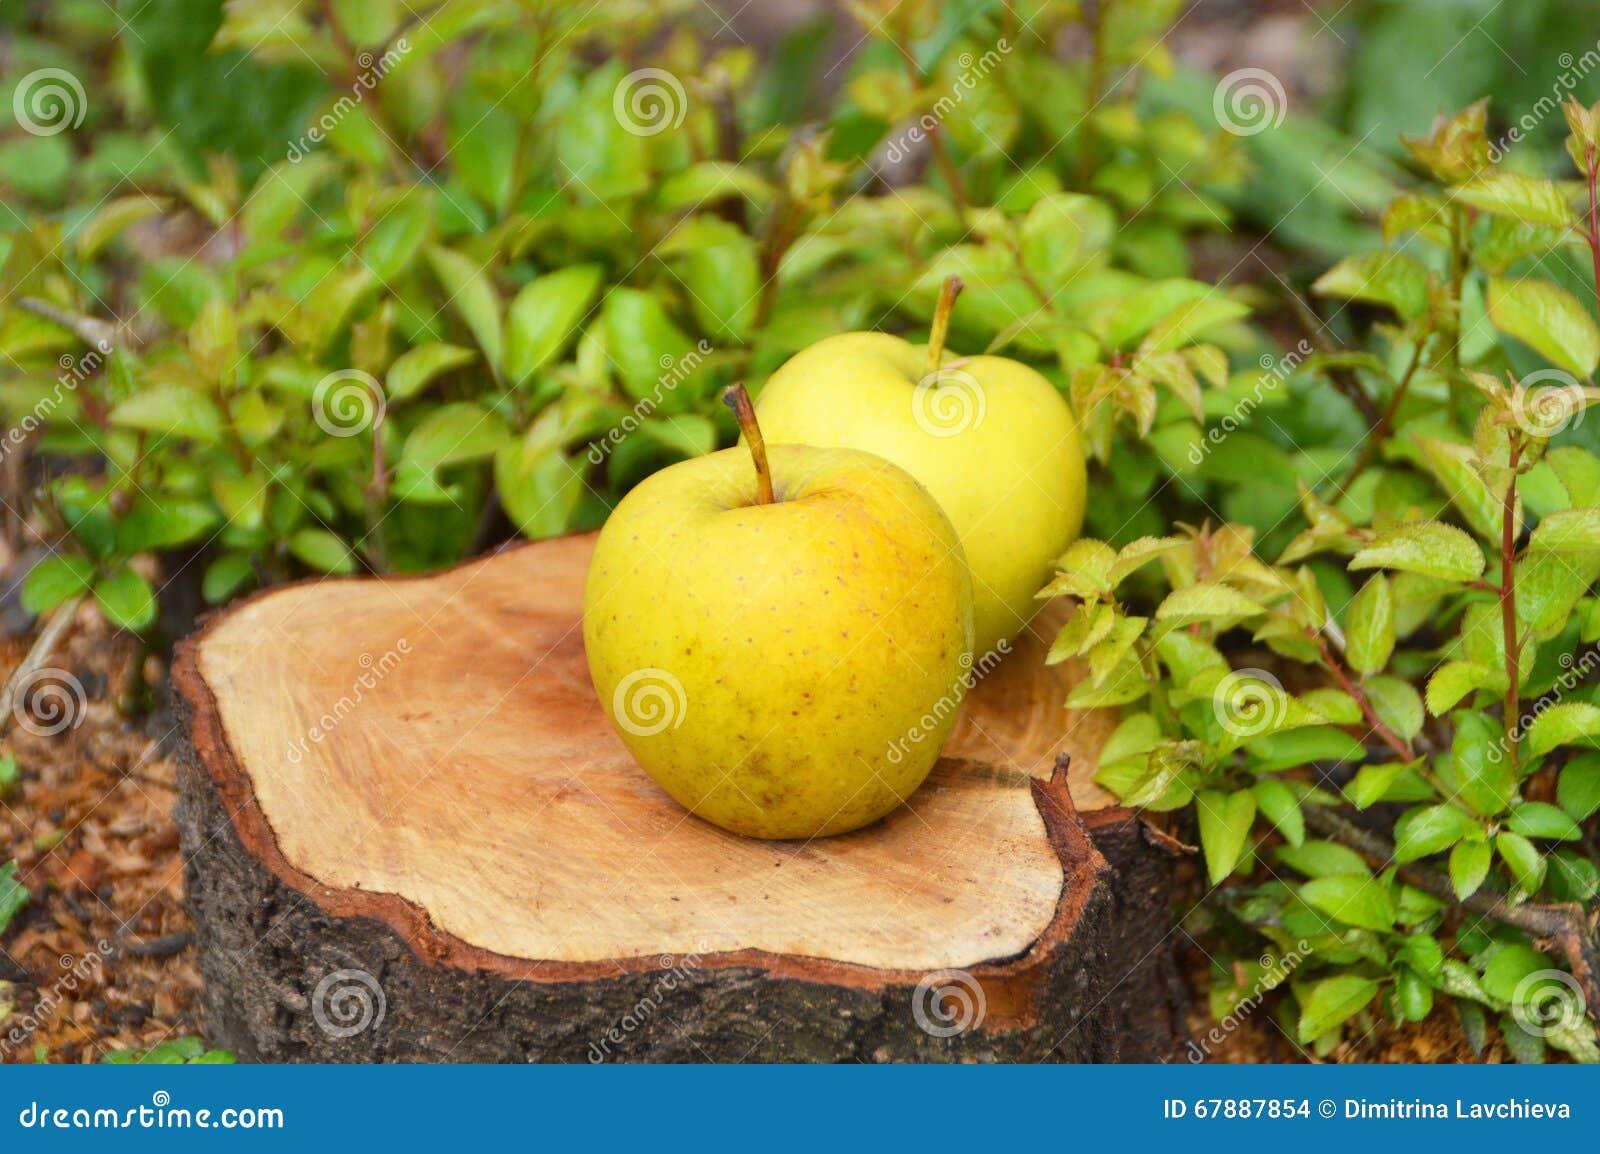 在地面上的两个黄色苹果